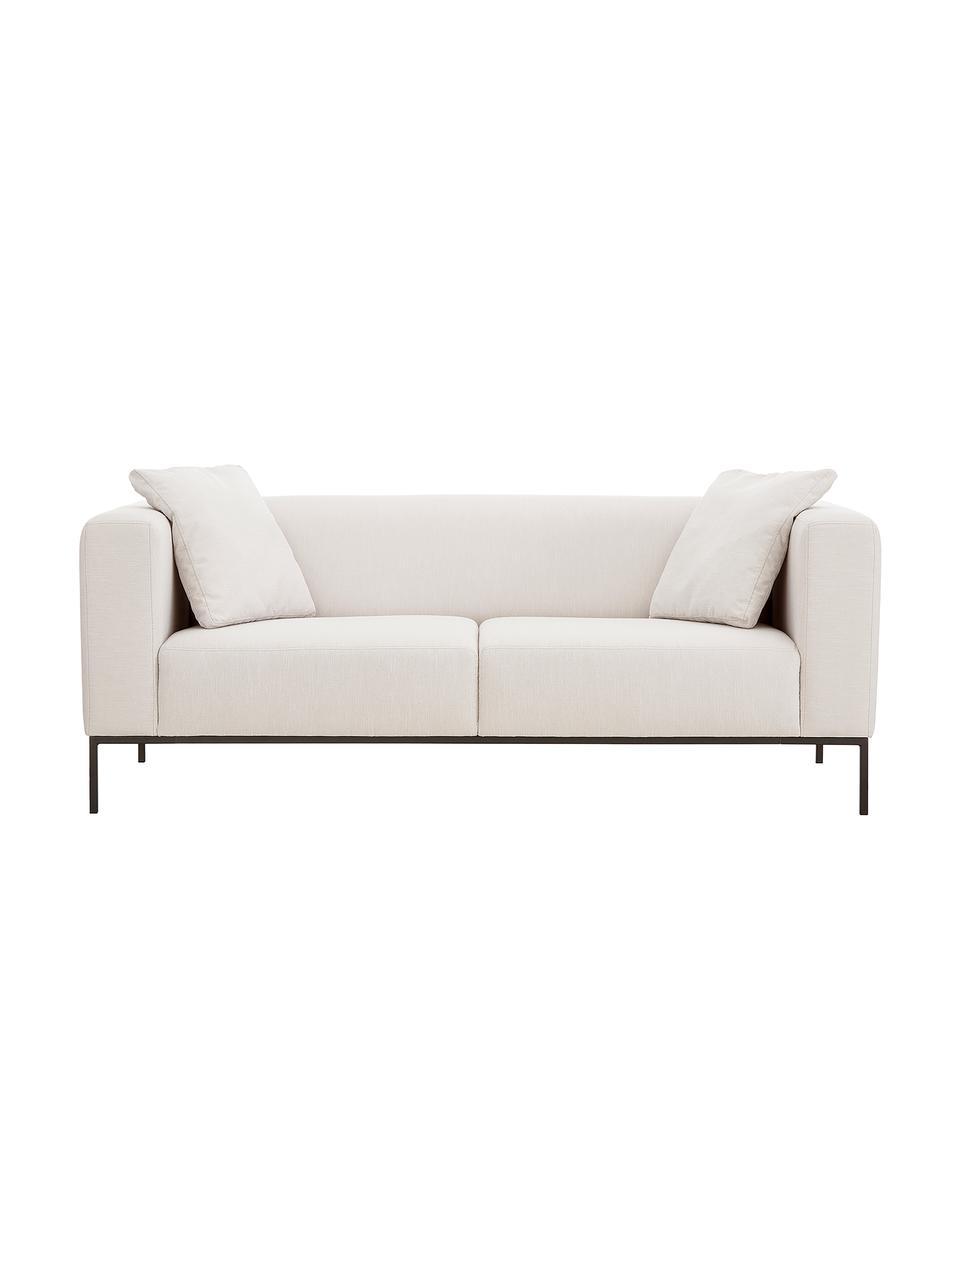 Sofa Carrie (3-Sitzer) in Beige mit Metall-Füßen, Bezug: Polyester 50.000 Scheuert, Gestell: Spanholz, Hartfaserplatte, Füße: Metall, lackiert, Webstoff Beige, B 202 x T 86 cm